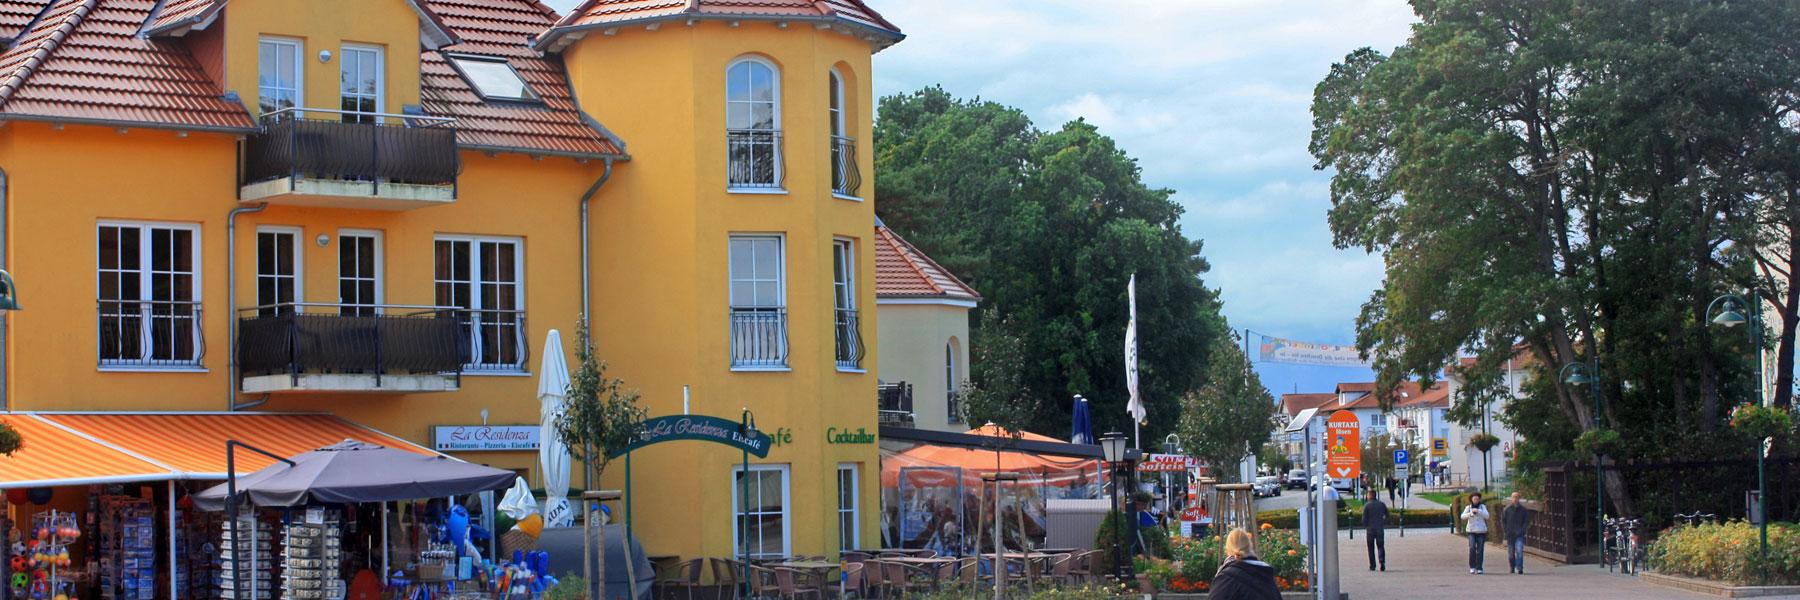 Strandpromenade - Ostseebad Karlshagen